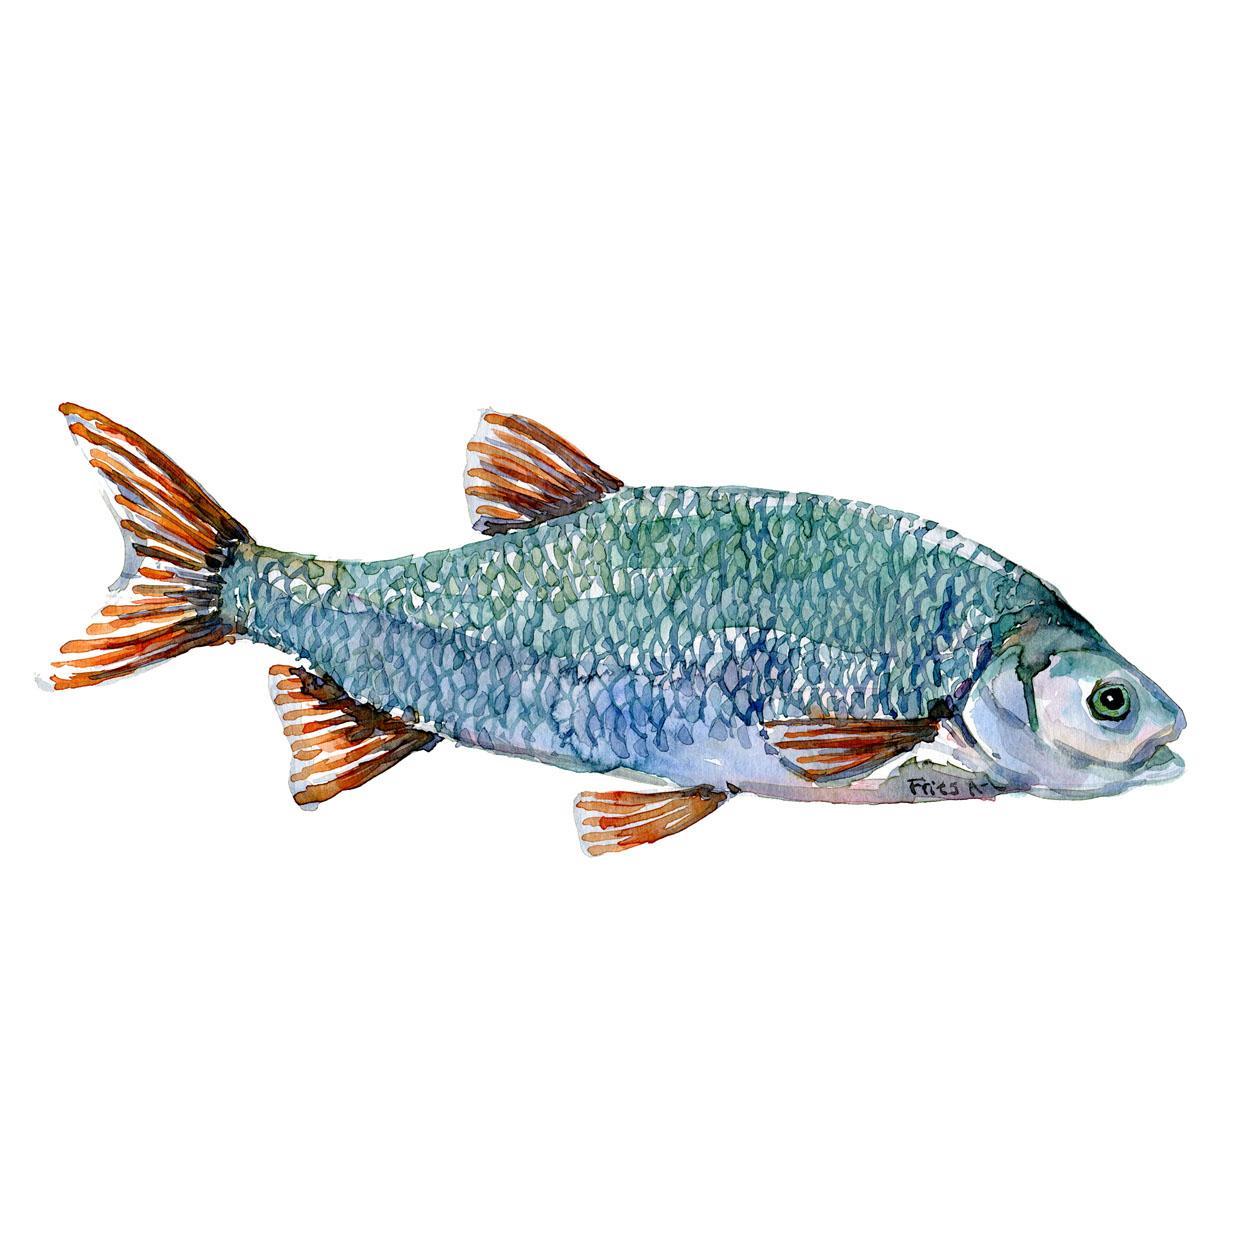 Rimte Ferskvandsfisk og biodiversitet i Danmark Akvarel af Frits Ahlefeldt